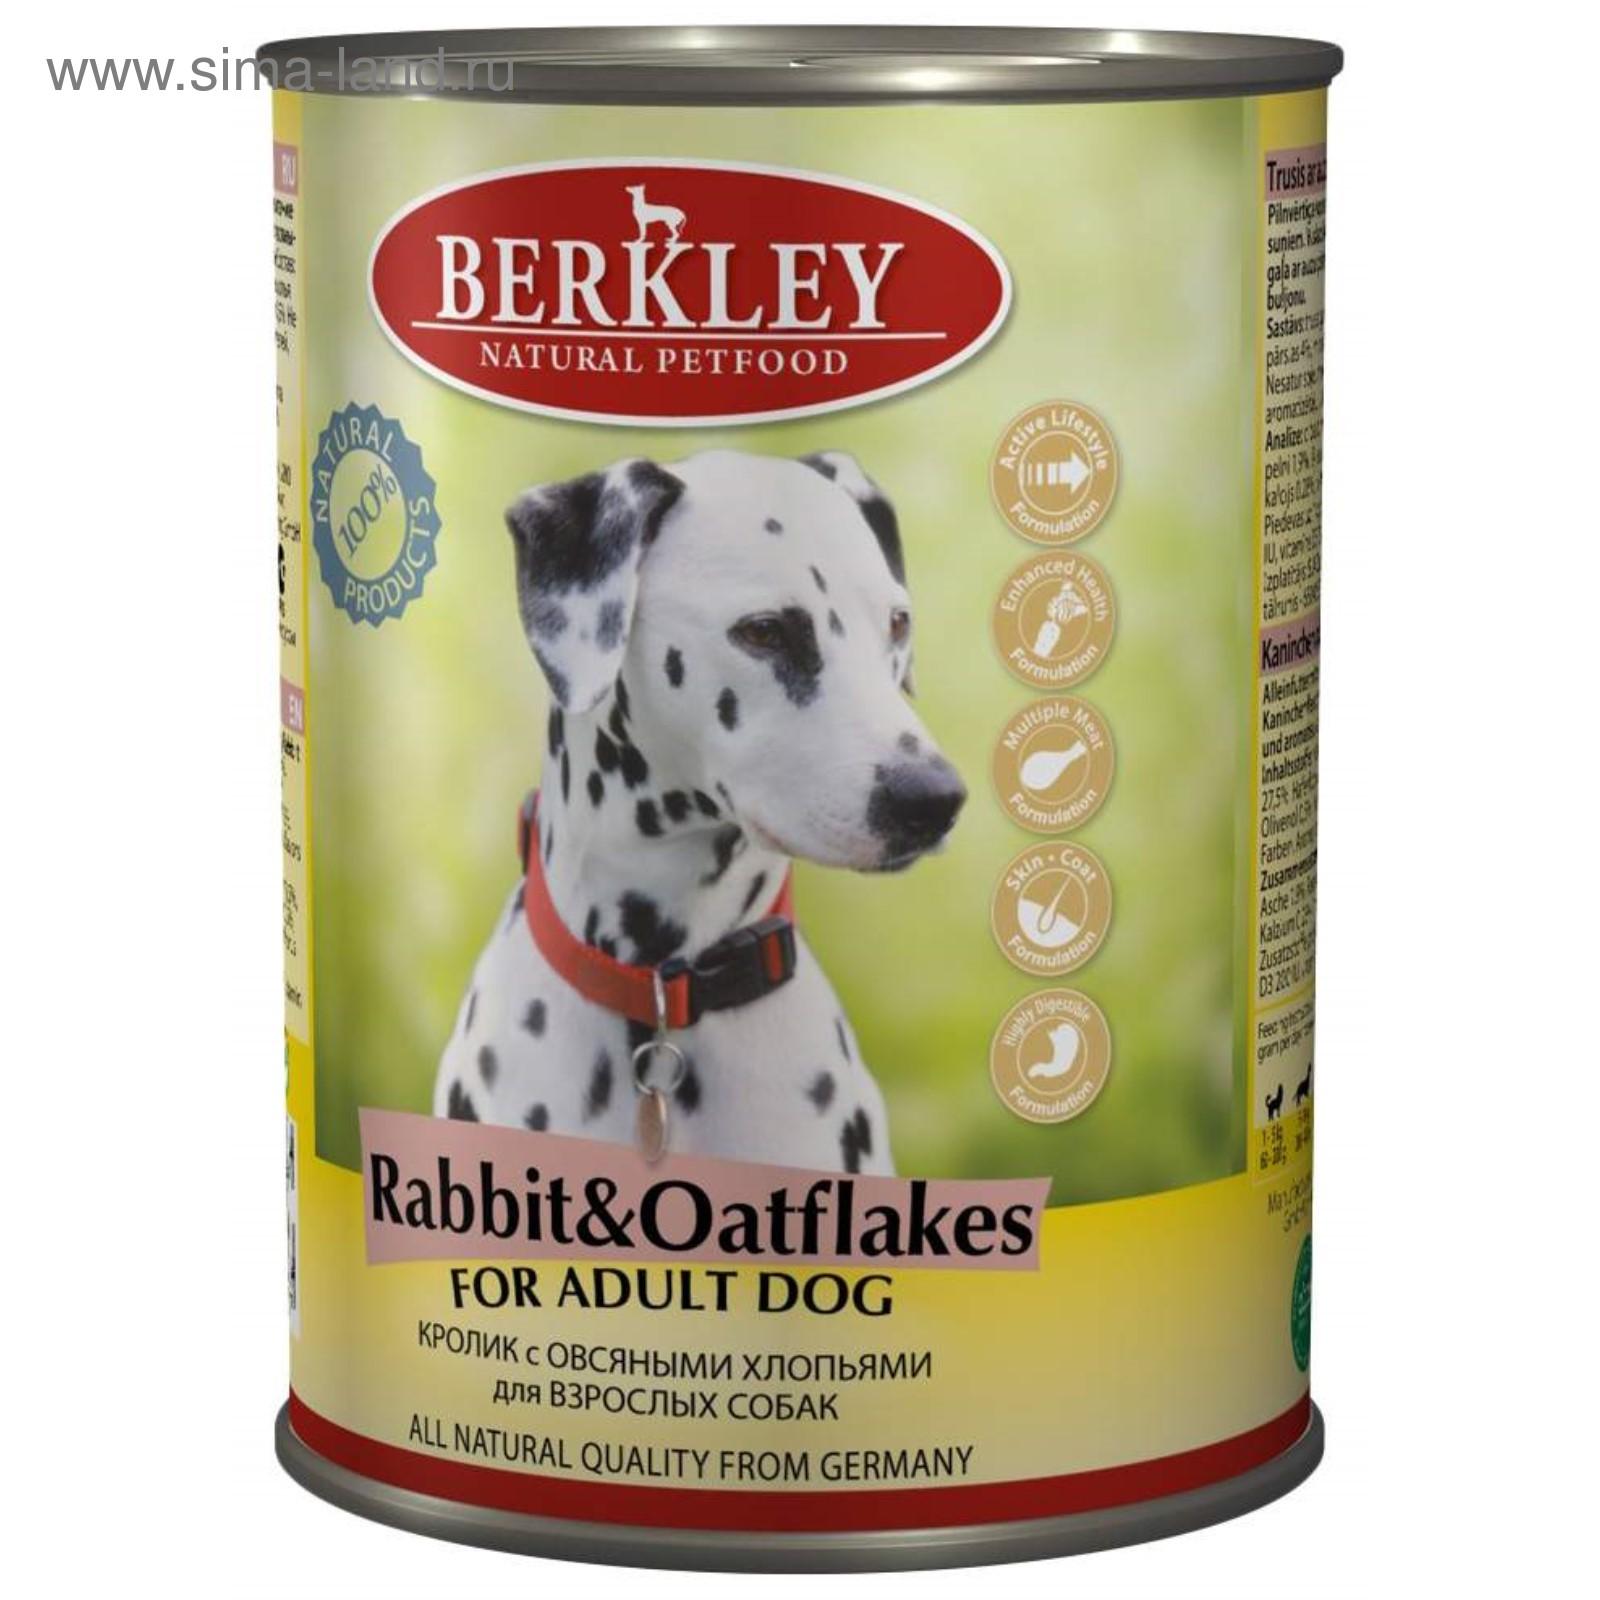 Консервы Berkley для собак, кролик с овсянкой, 400г